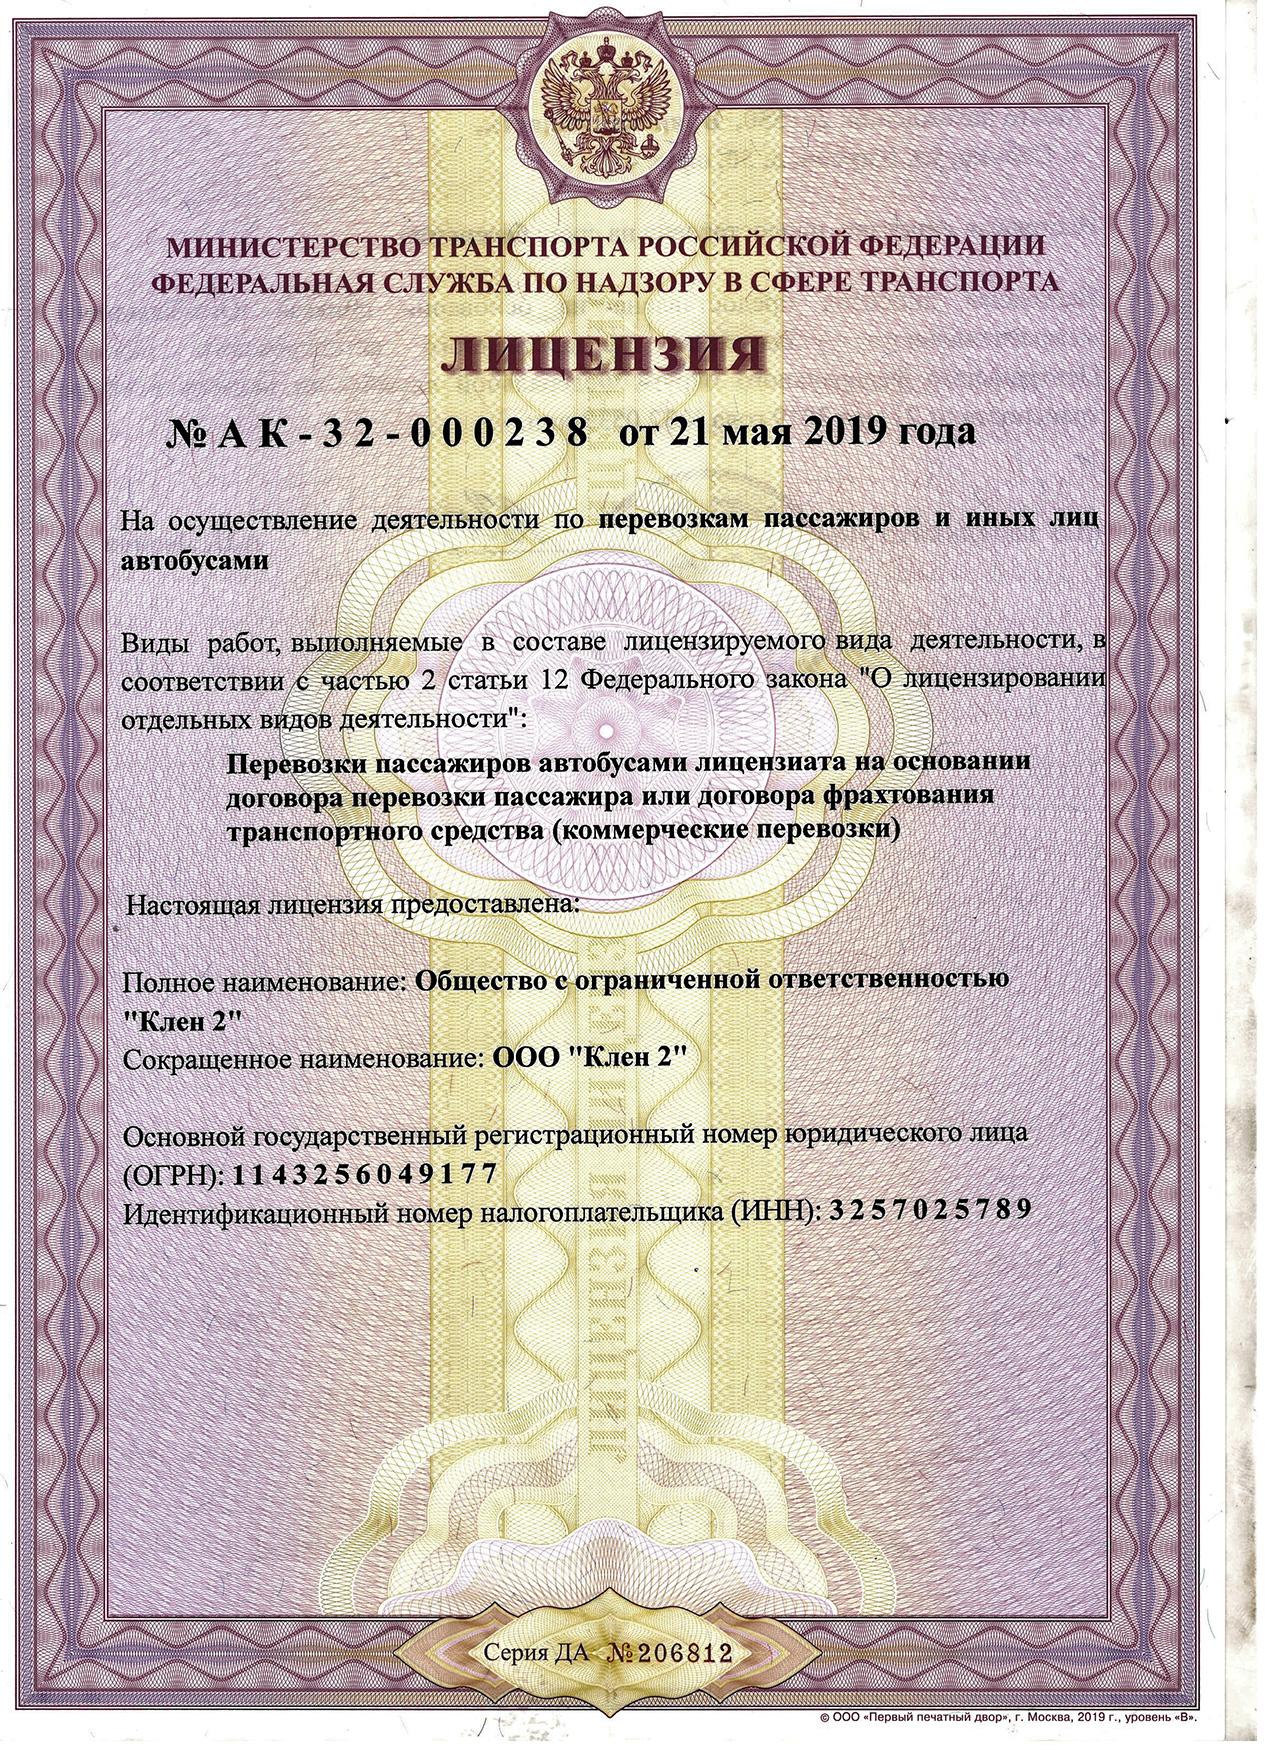 Расписание транспорта и билеты на поезд, электричку и автобус из Брянска в Смоленск.